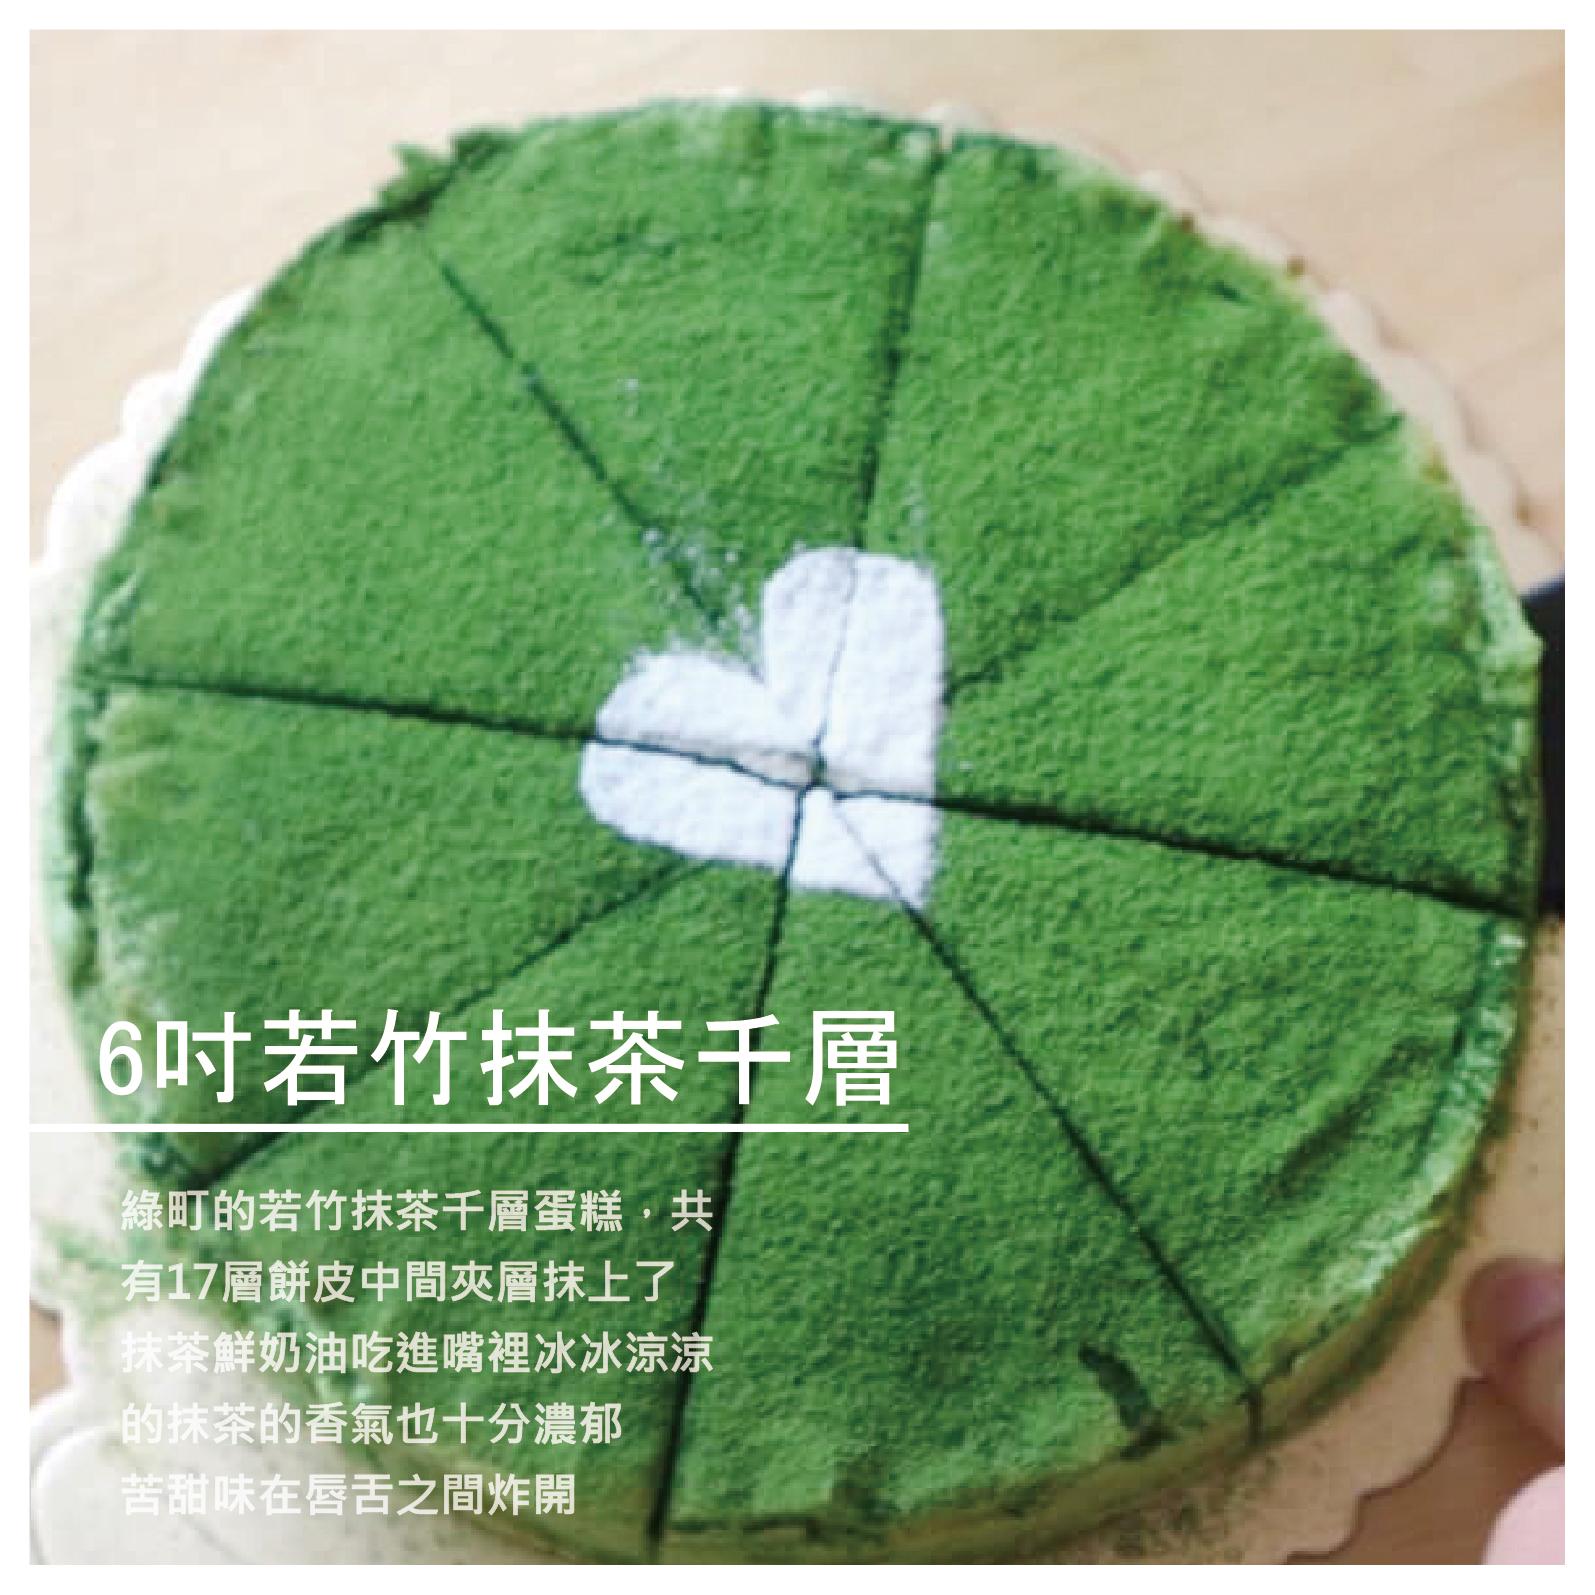 【綠町抹茶】6吋若竹抹茶千層